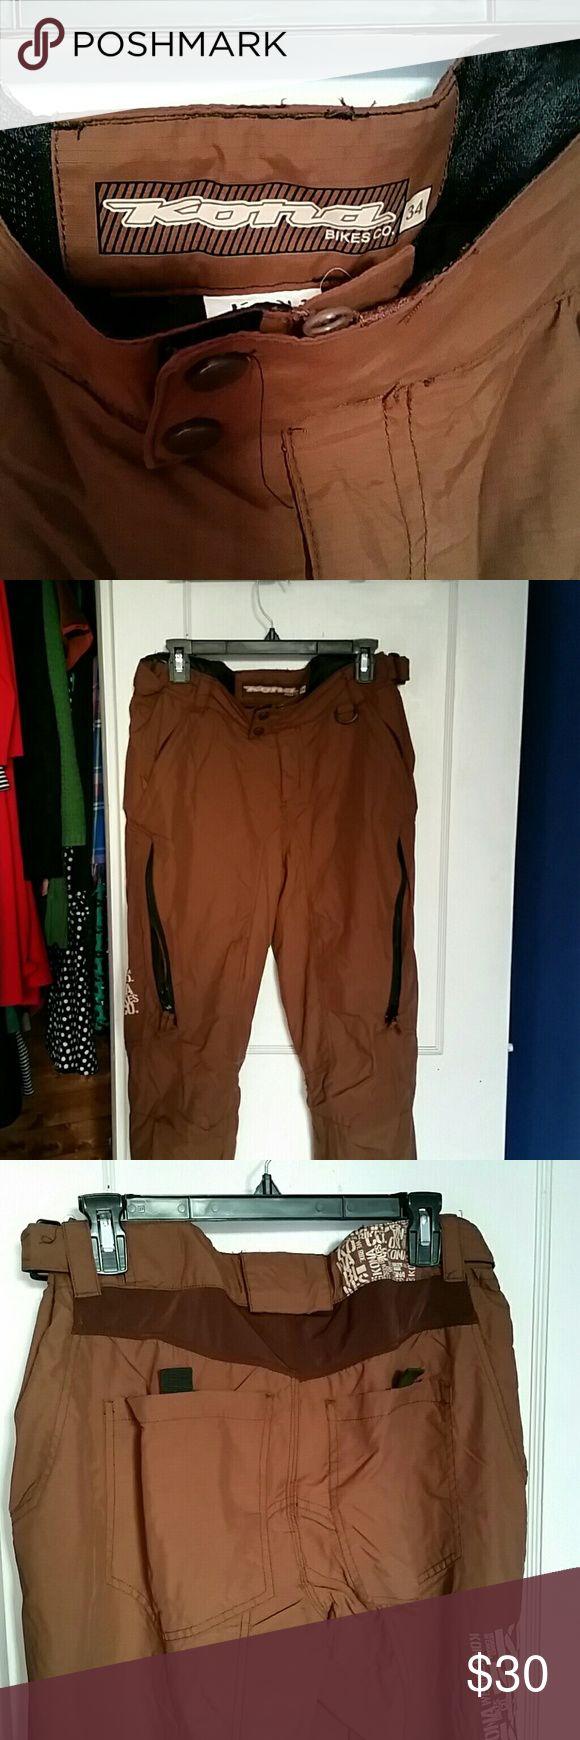 Kona Bikes Mountain Biking Pants. Men's brown mountain biking cargo pants. Look barely used. Kona Bikes Co. Pants Cargo